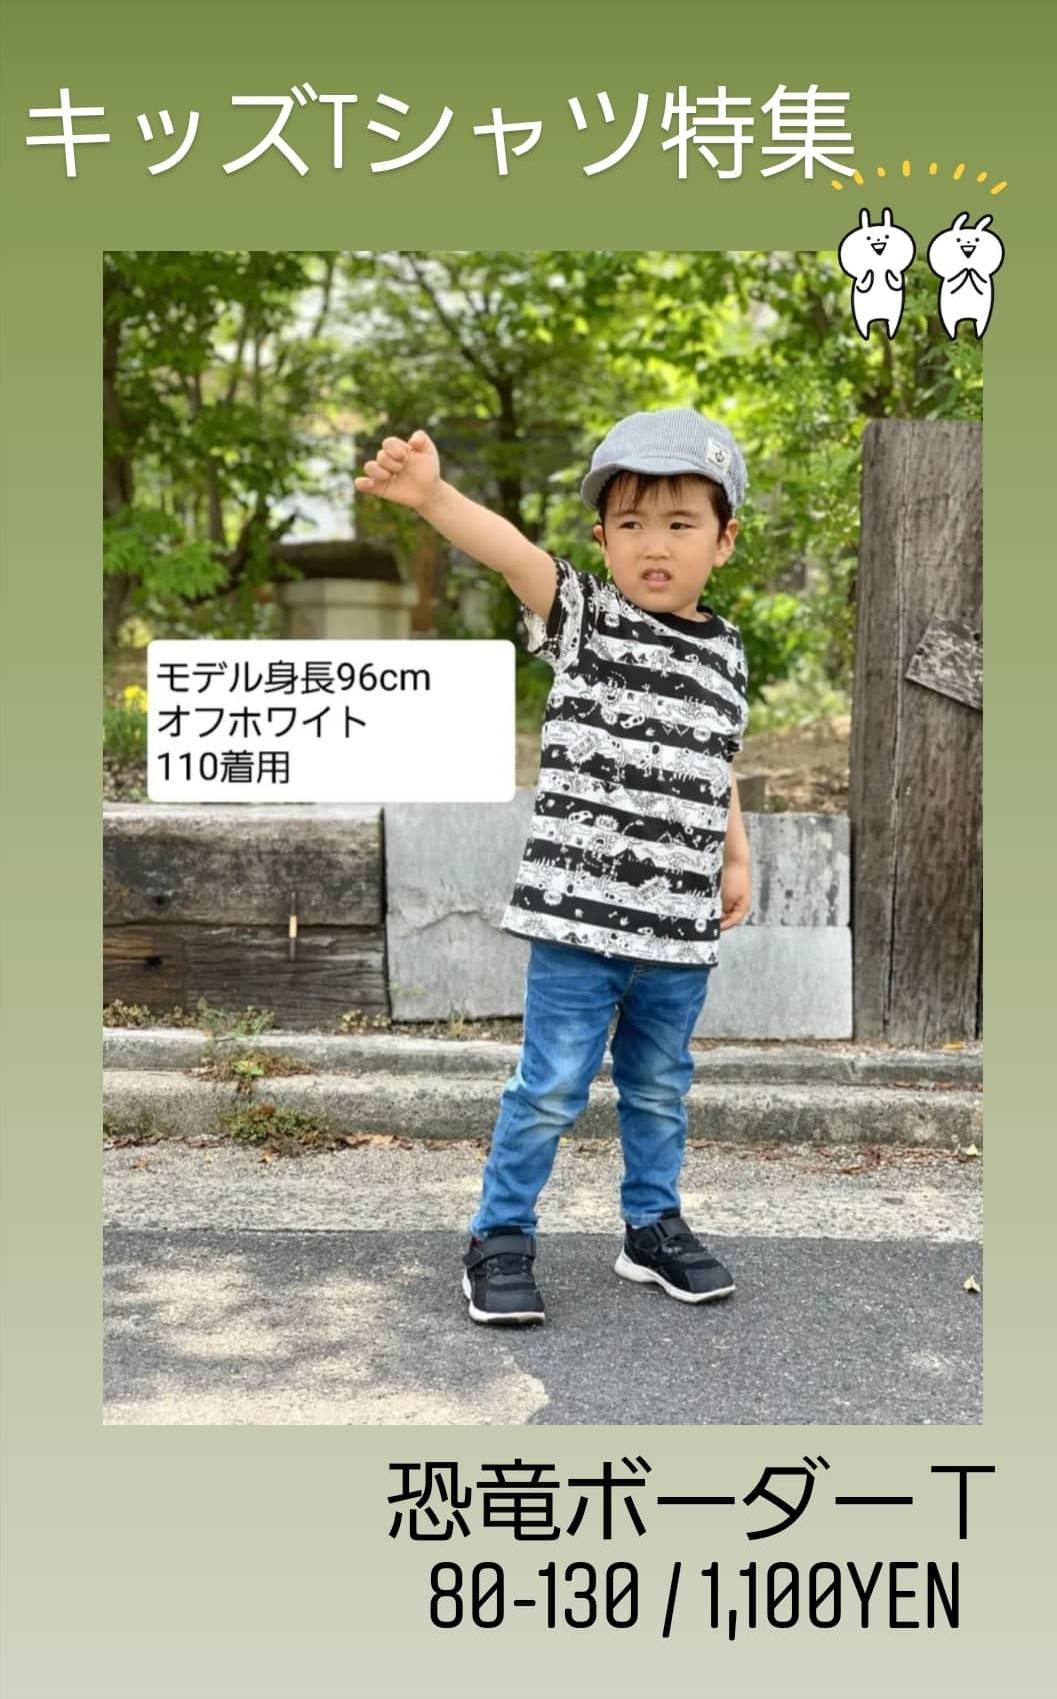 キッズTシャツ特集♪